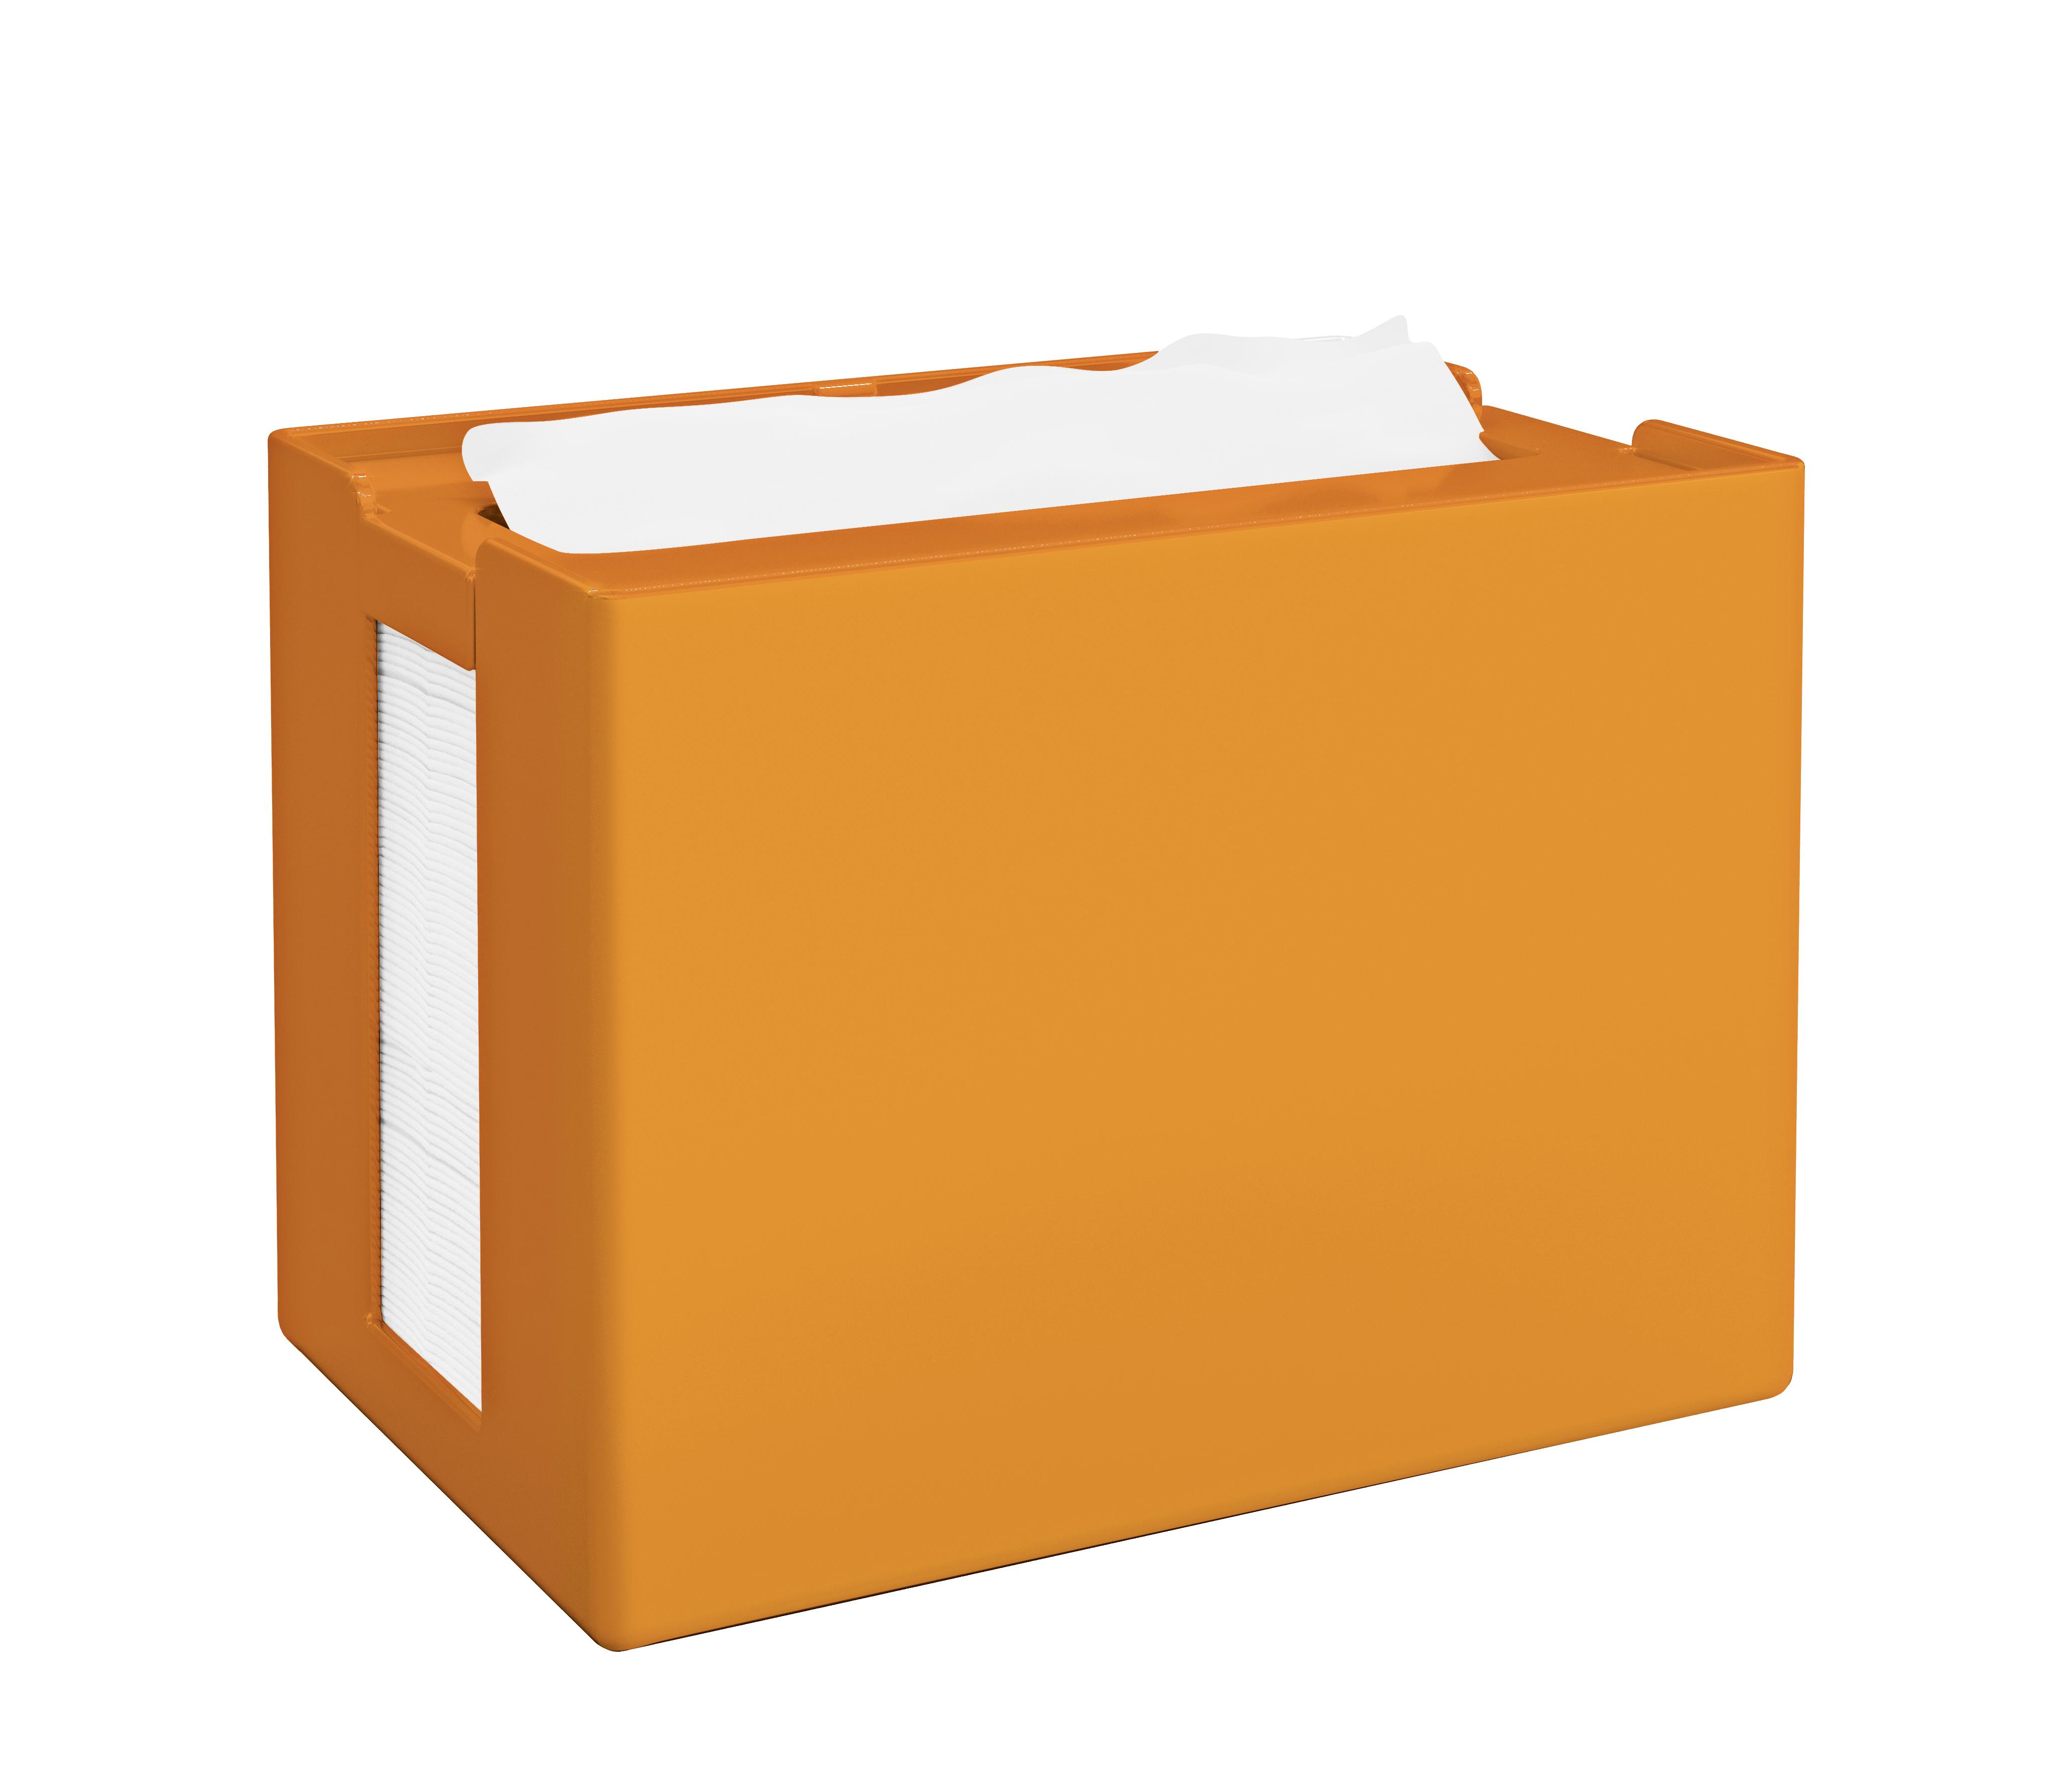 Papernet® salvrätiku hoidik, lauale, oranž, 16,8x12,5x10,9 cm k:8tk